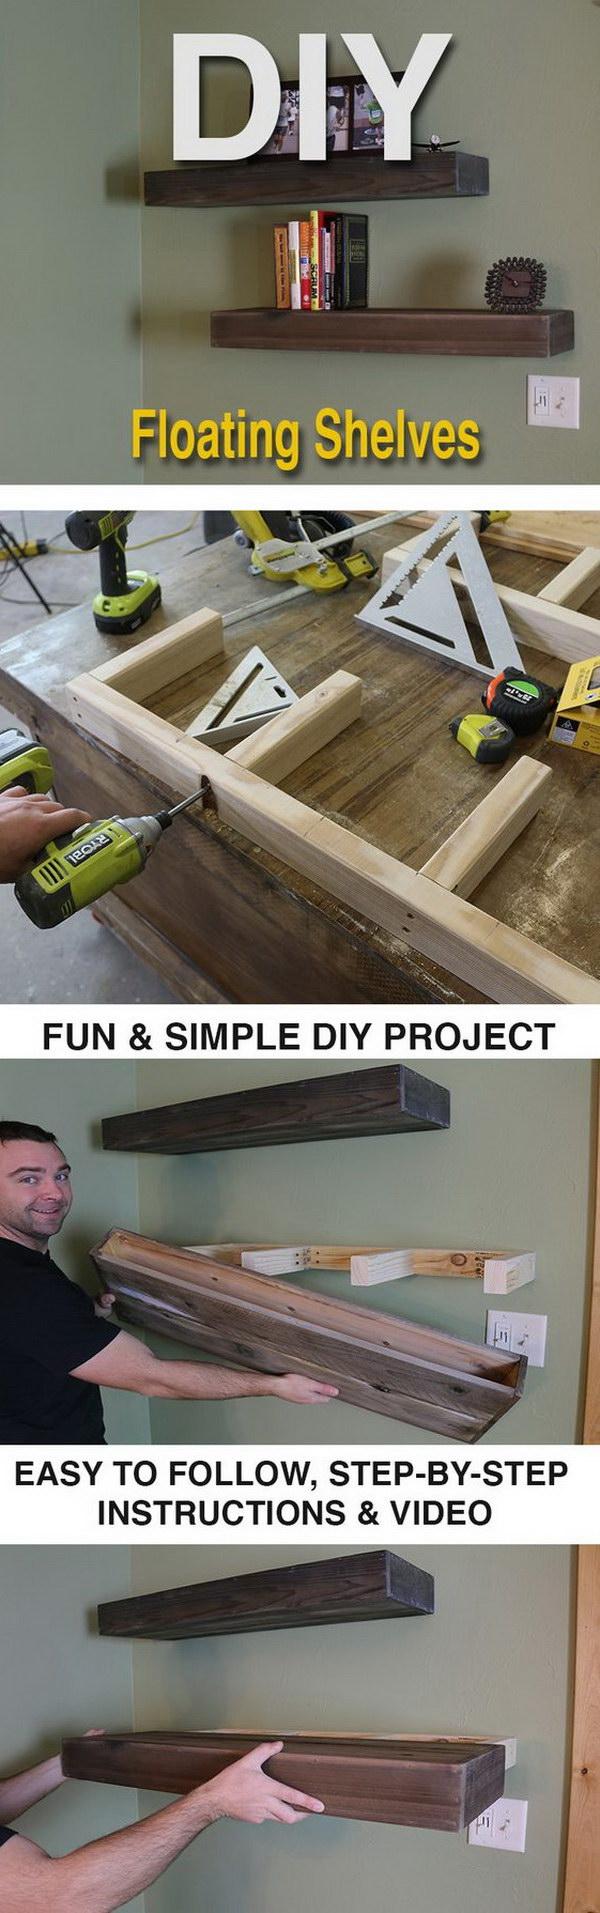 28 DIY Wood Floating Shelves